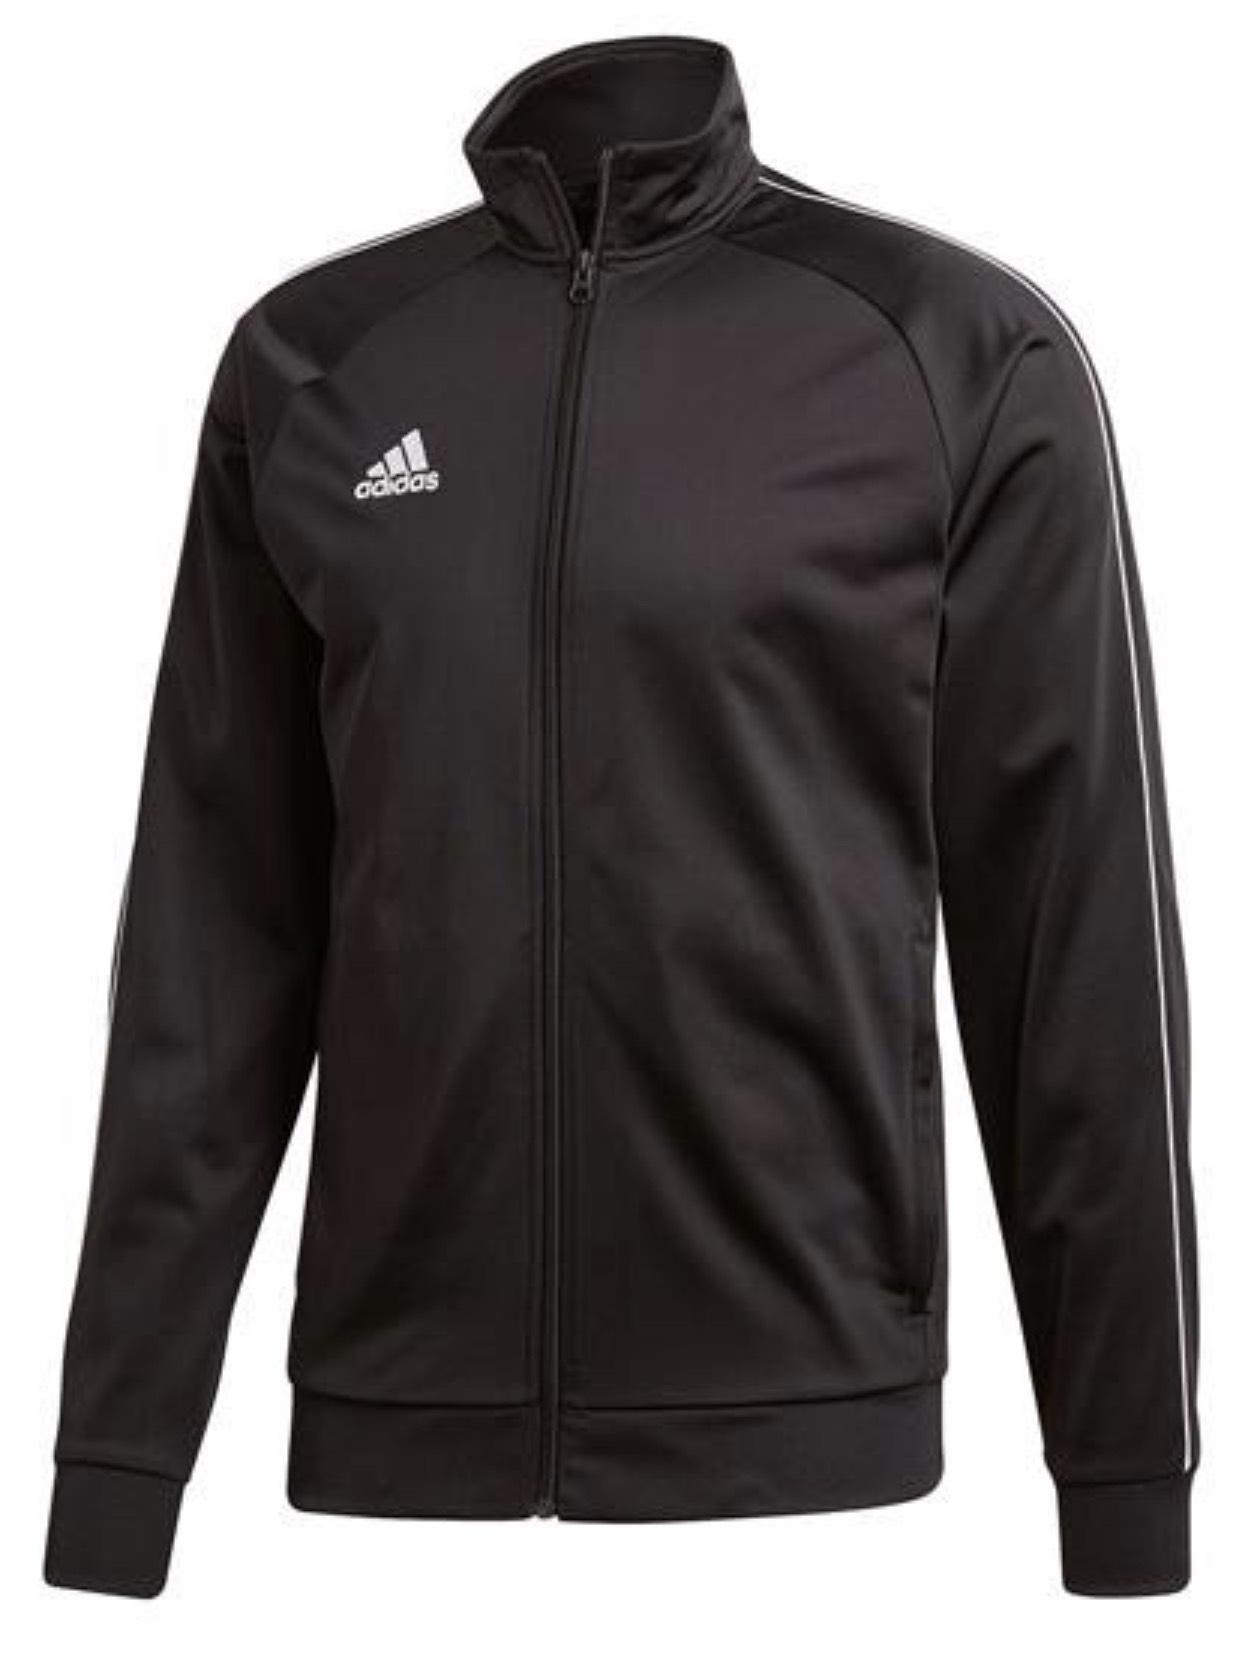 Adidas Trainingsjacke Core 18 4 verschiedene Farben, gratis Versand für 13,95€